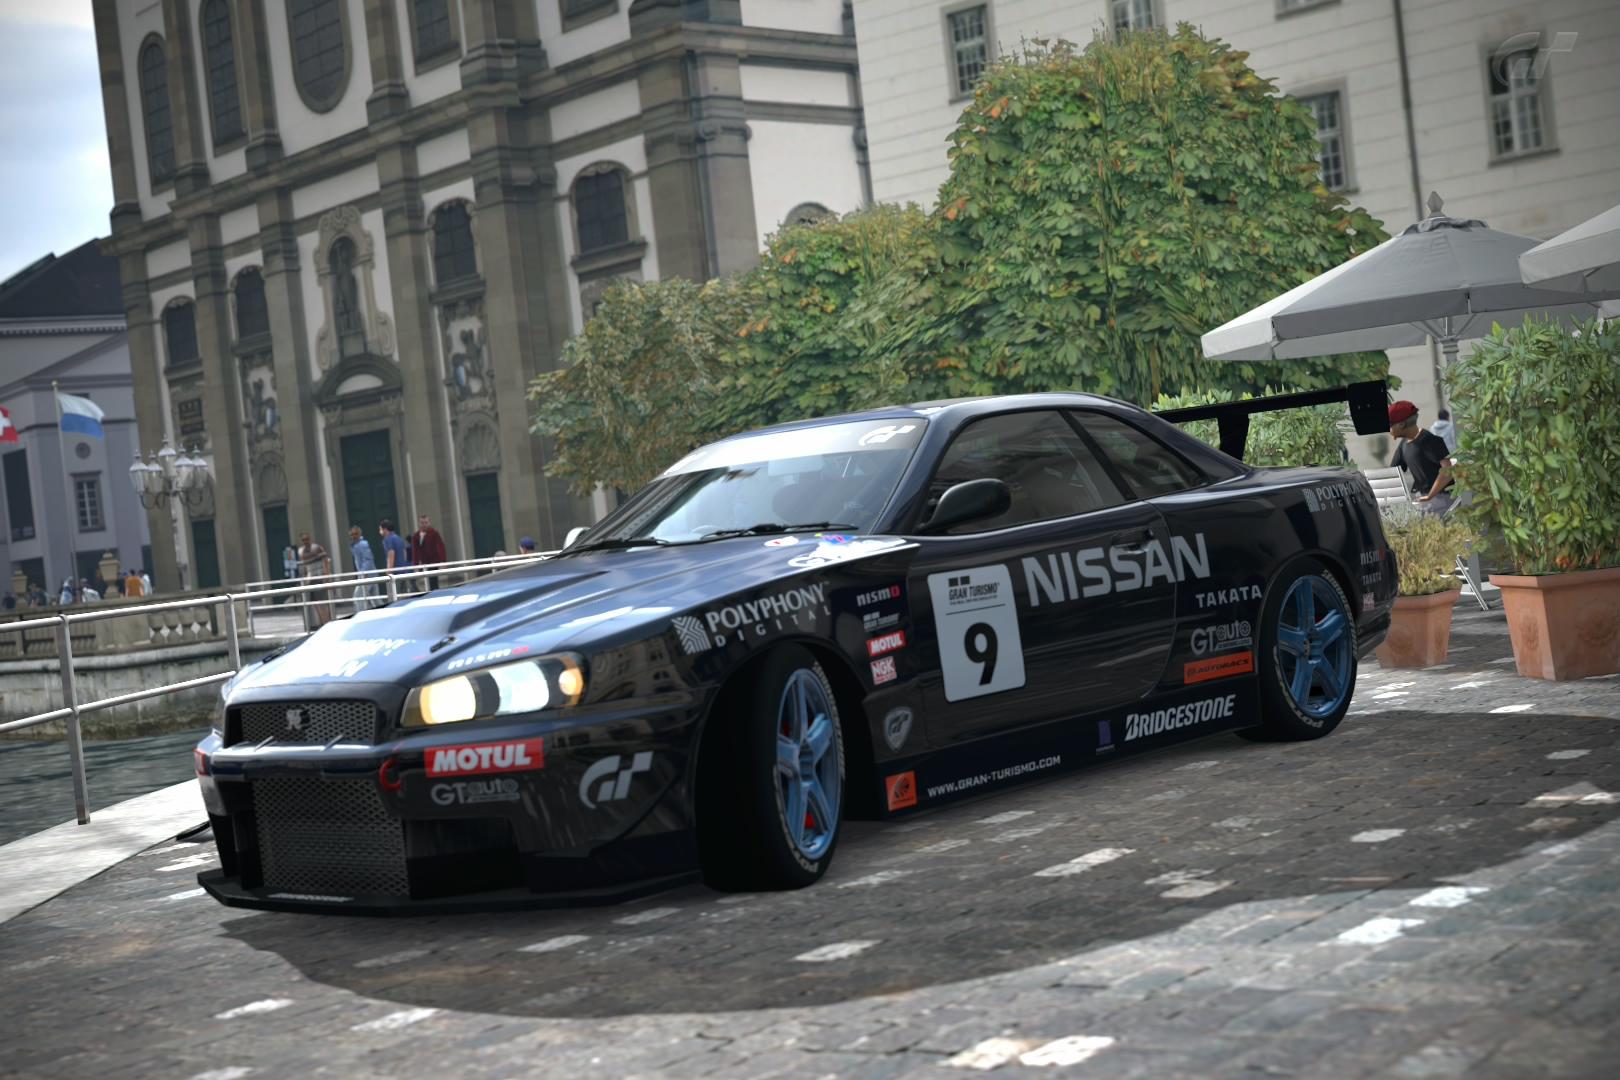 cirno r34